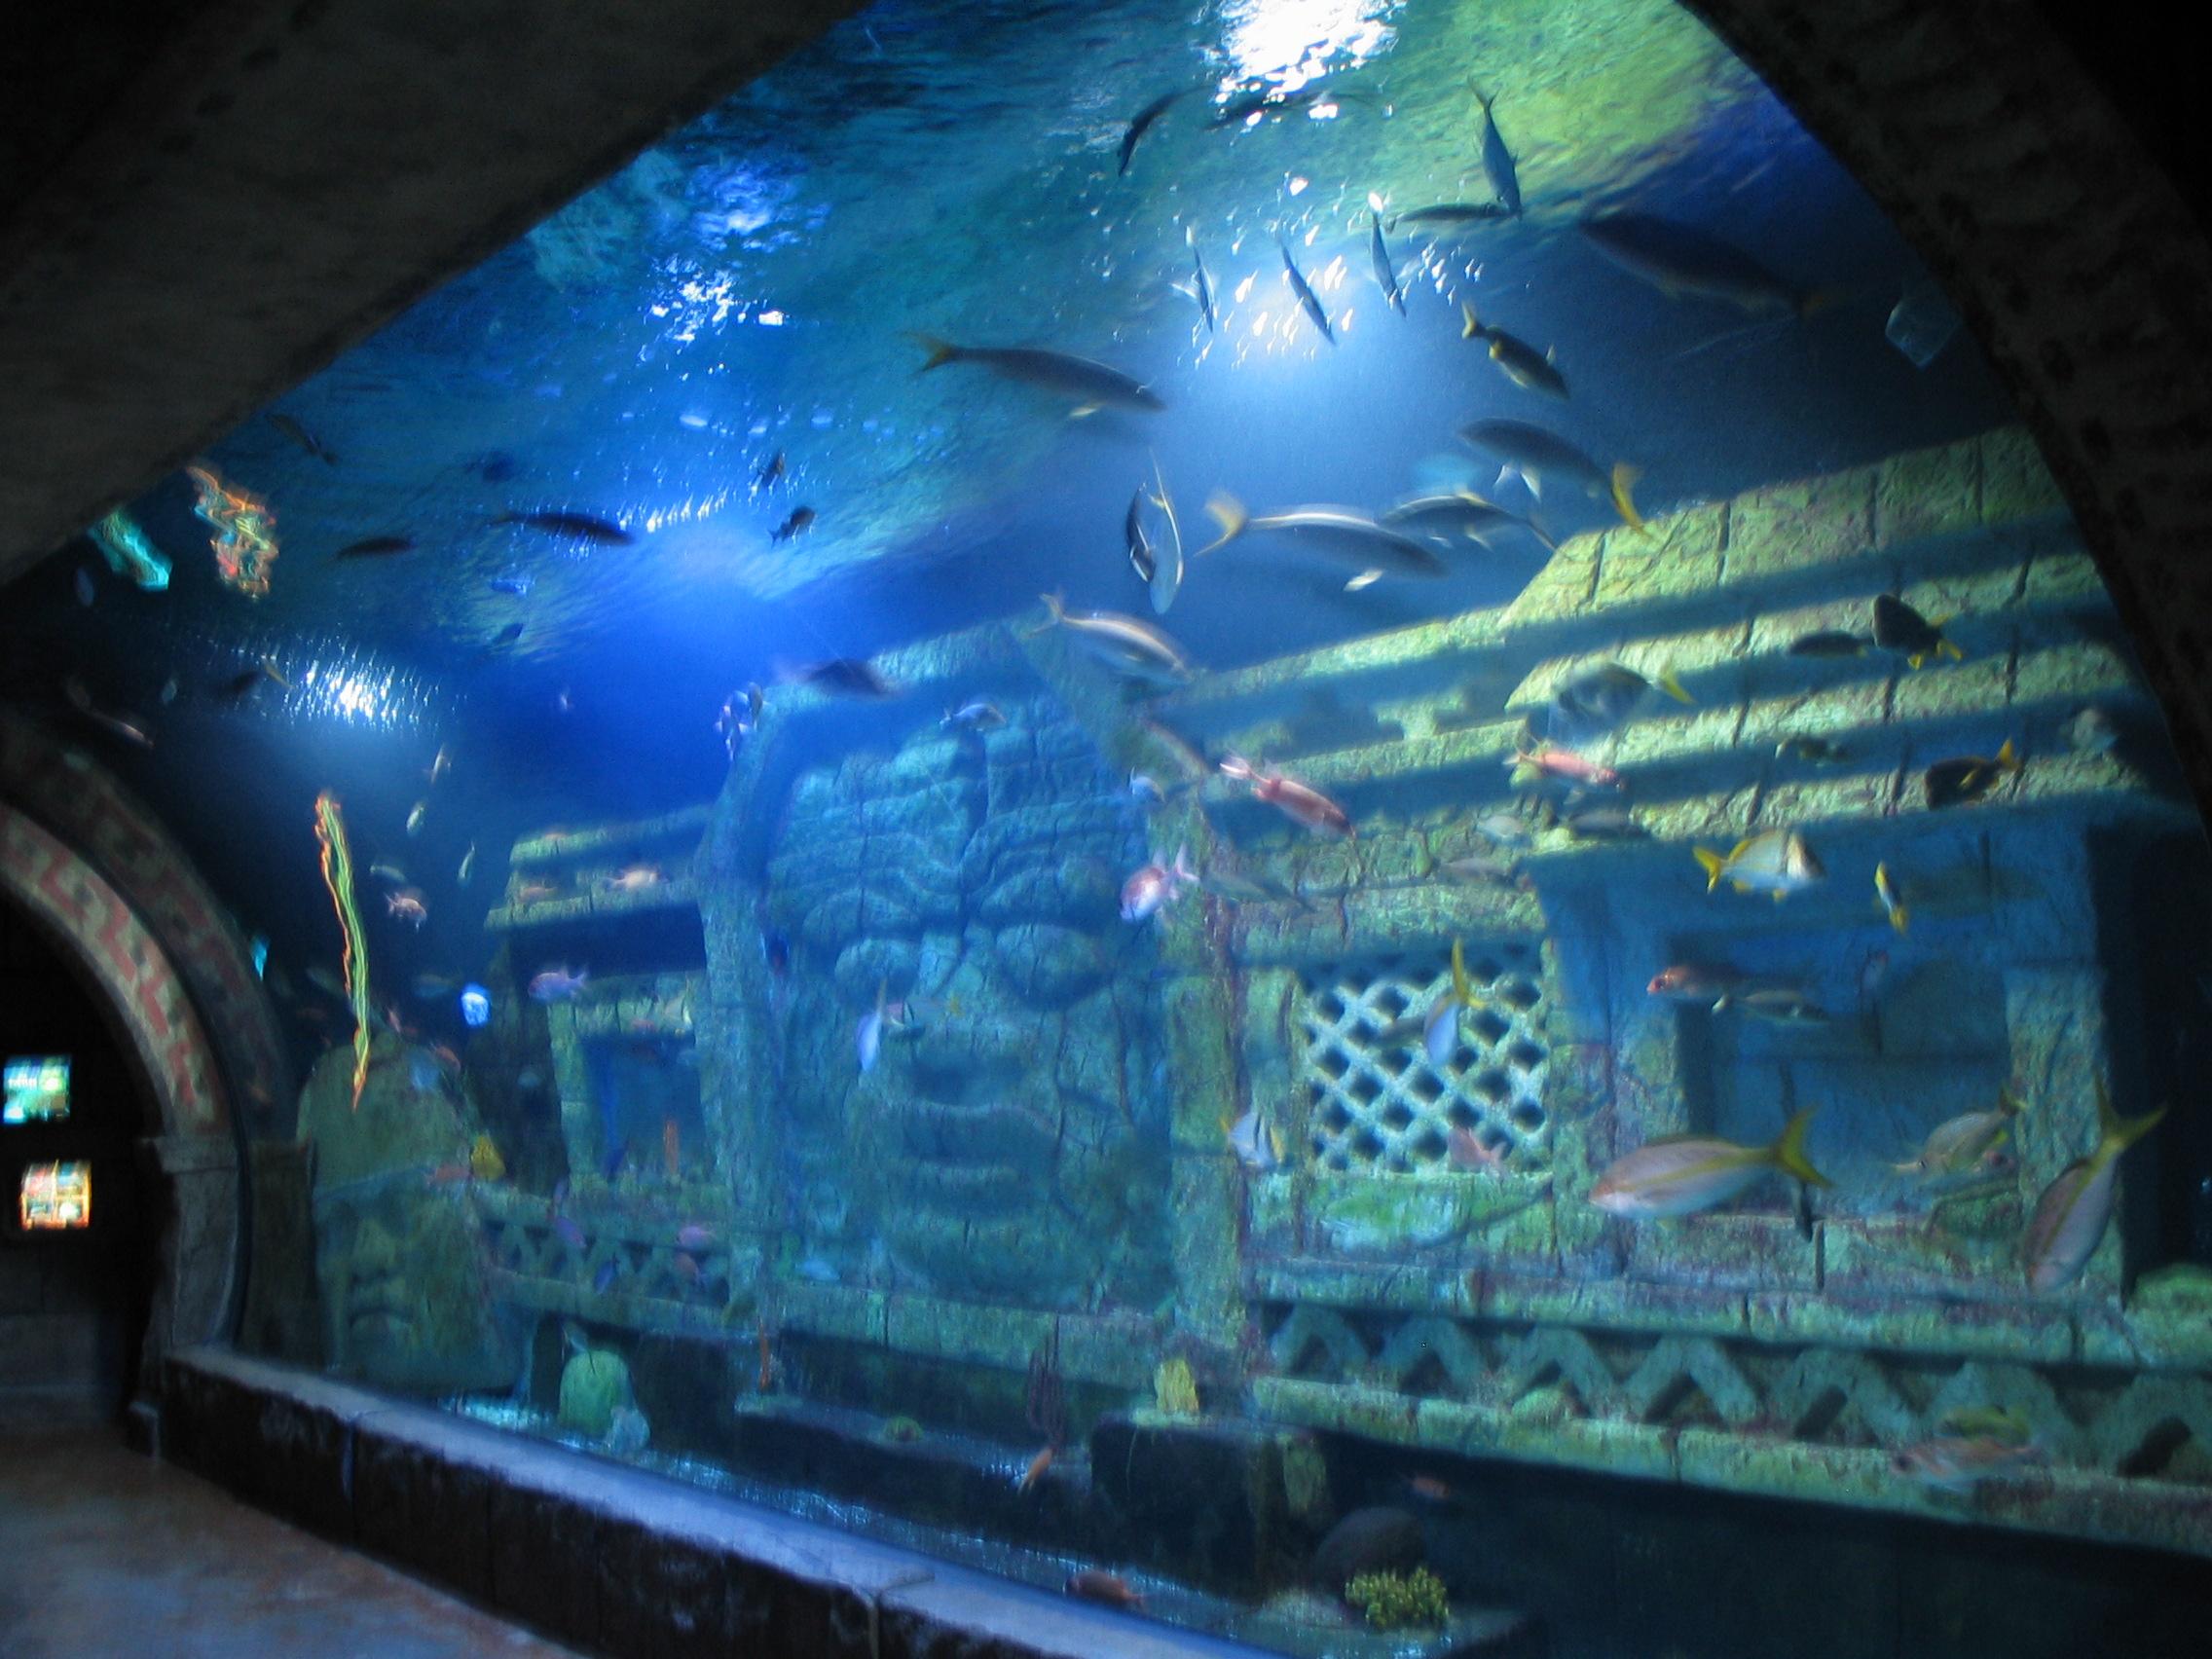 Aquarium Restaurant Houston Texas